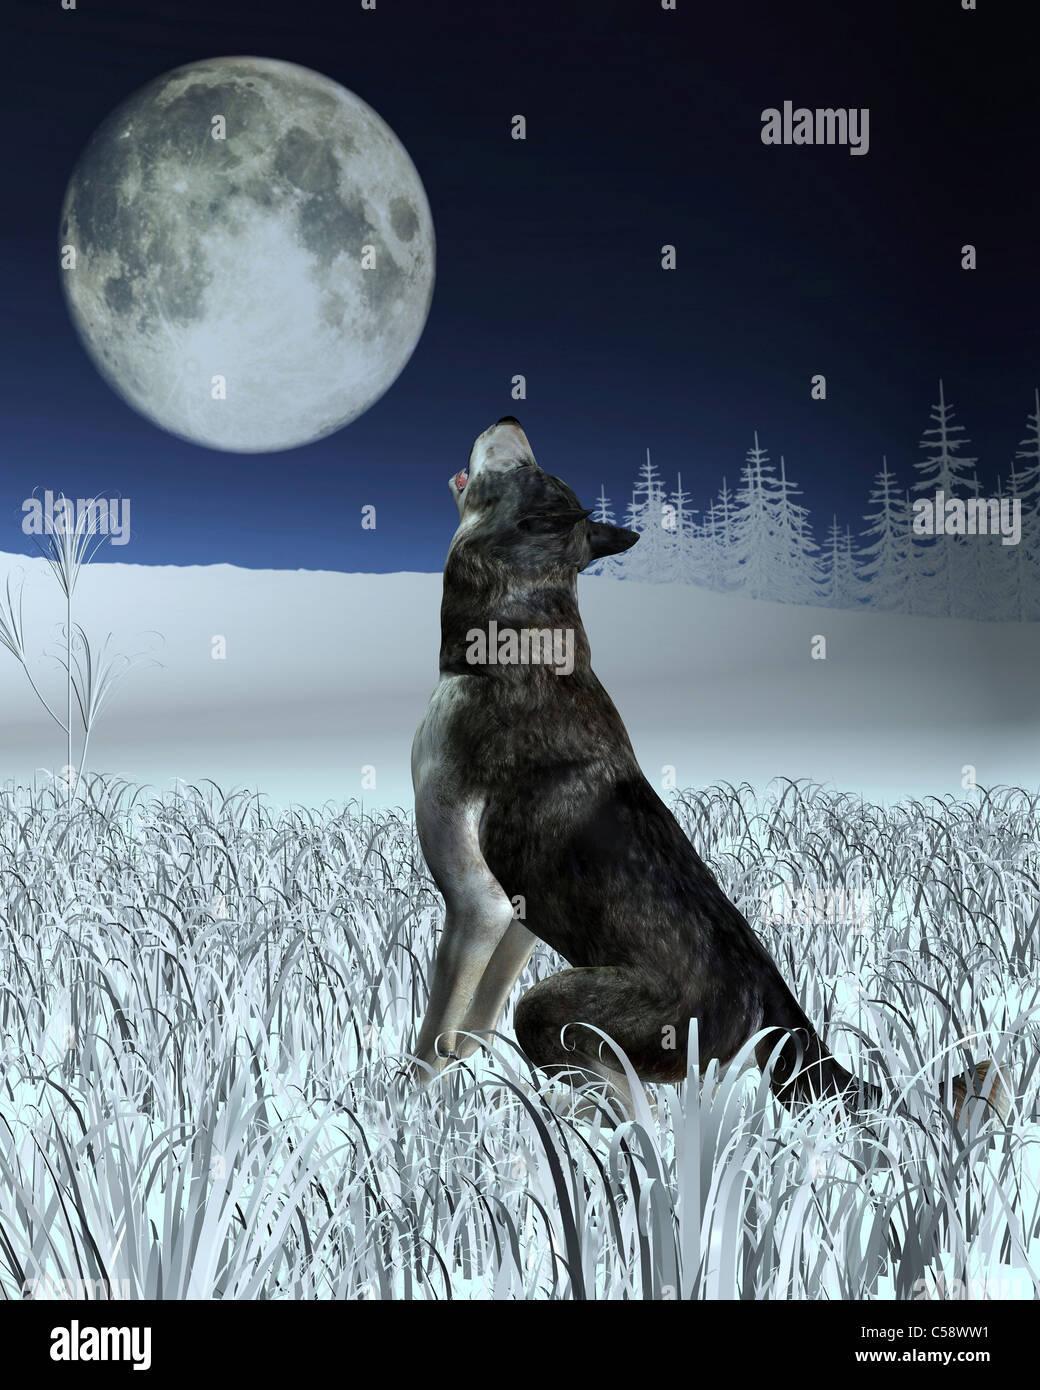 Lobo Aullando A La Luna Llena Foto Imagen De Stock 37689933 Alamy